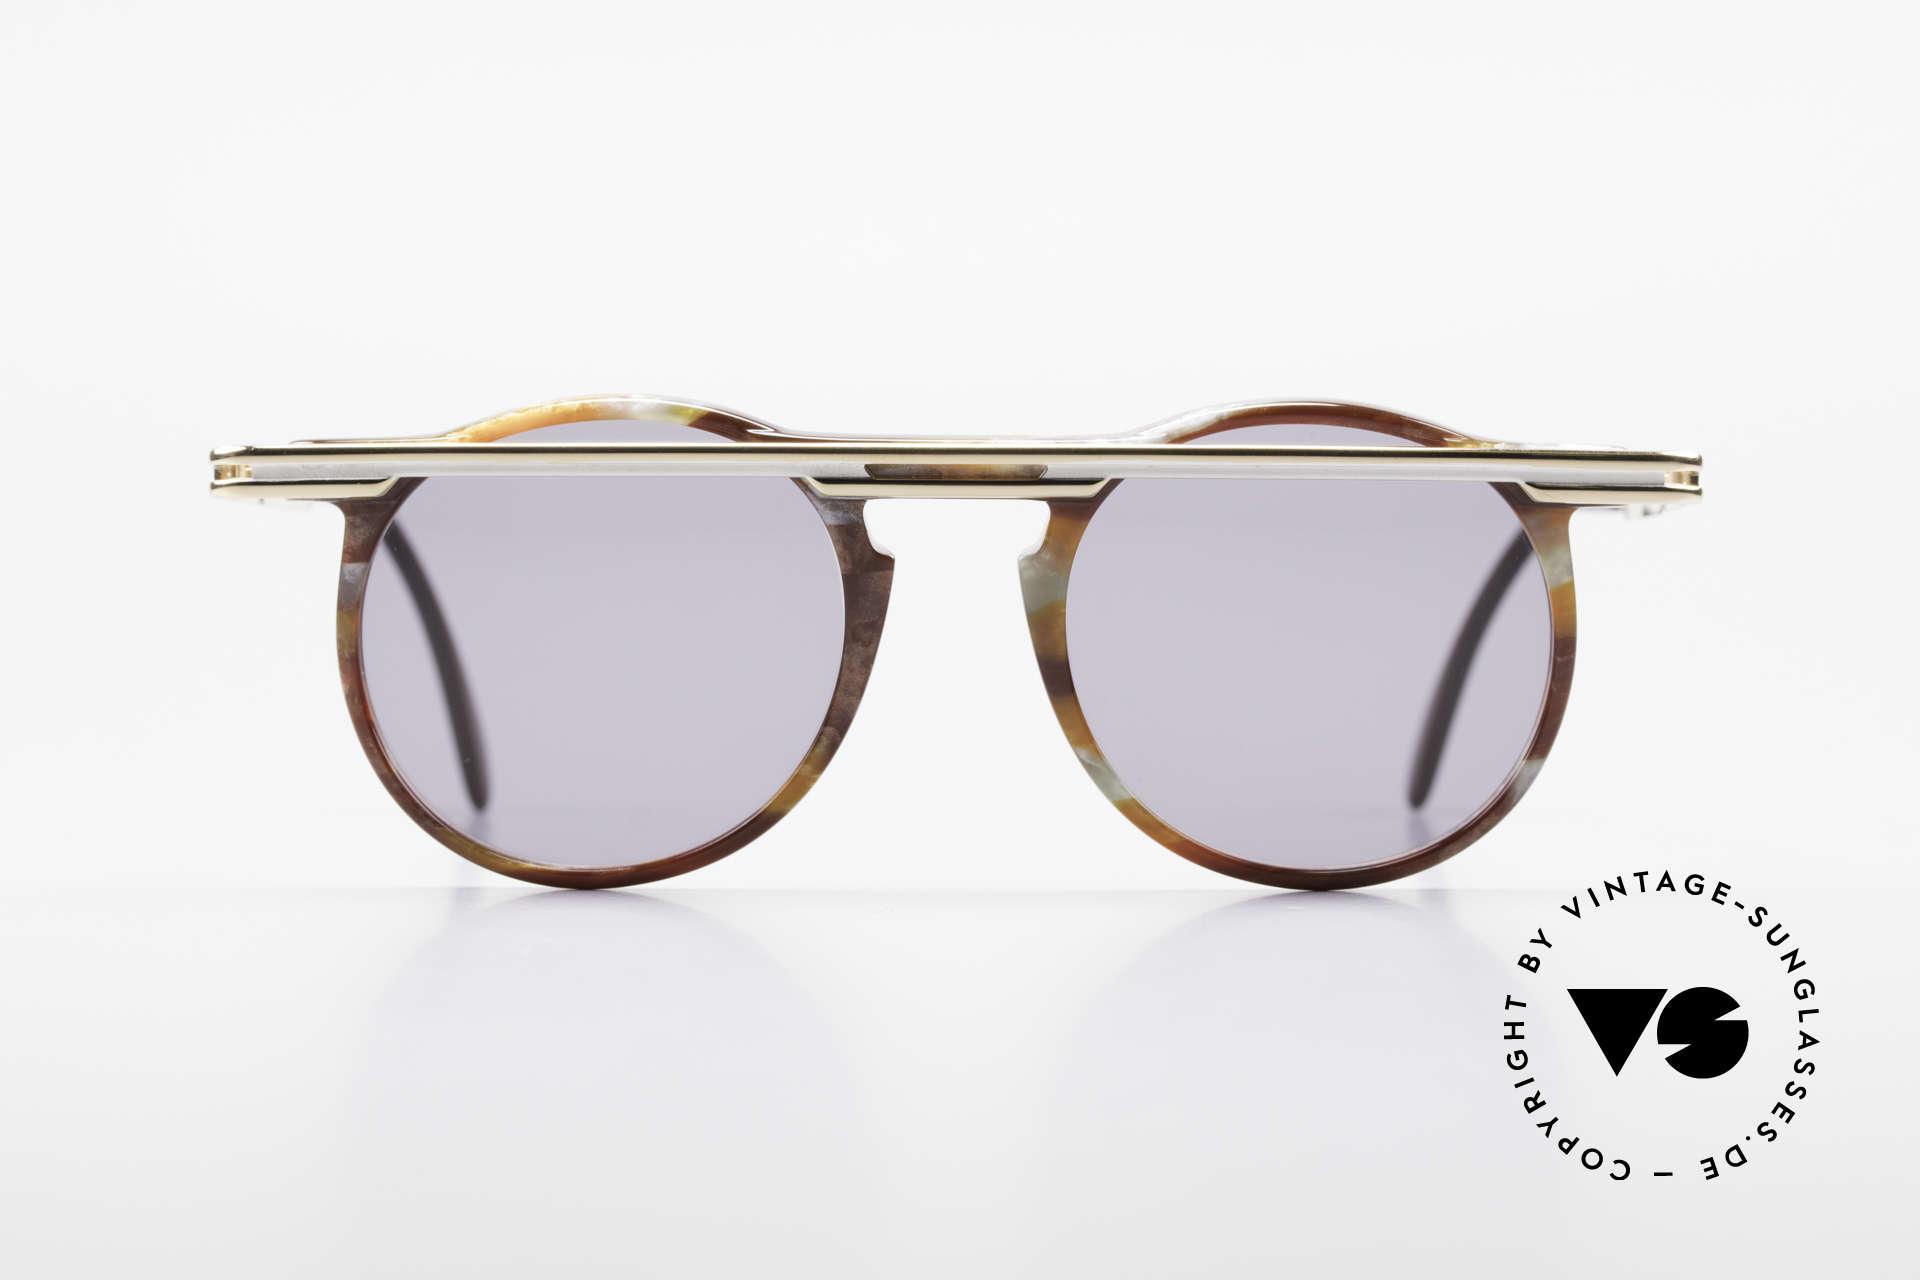 Cazal 648 Cari Zalloni Vintage Brille 90er, vom Designer Cari Zalloni getragen (siehe Booklet), Passend für Herren und Damen